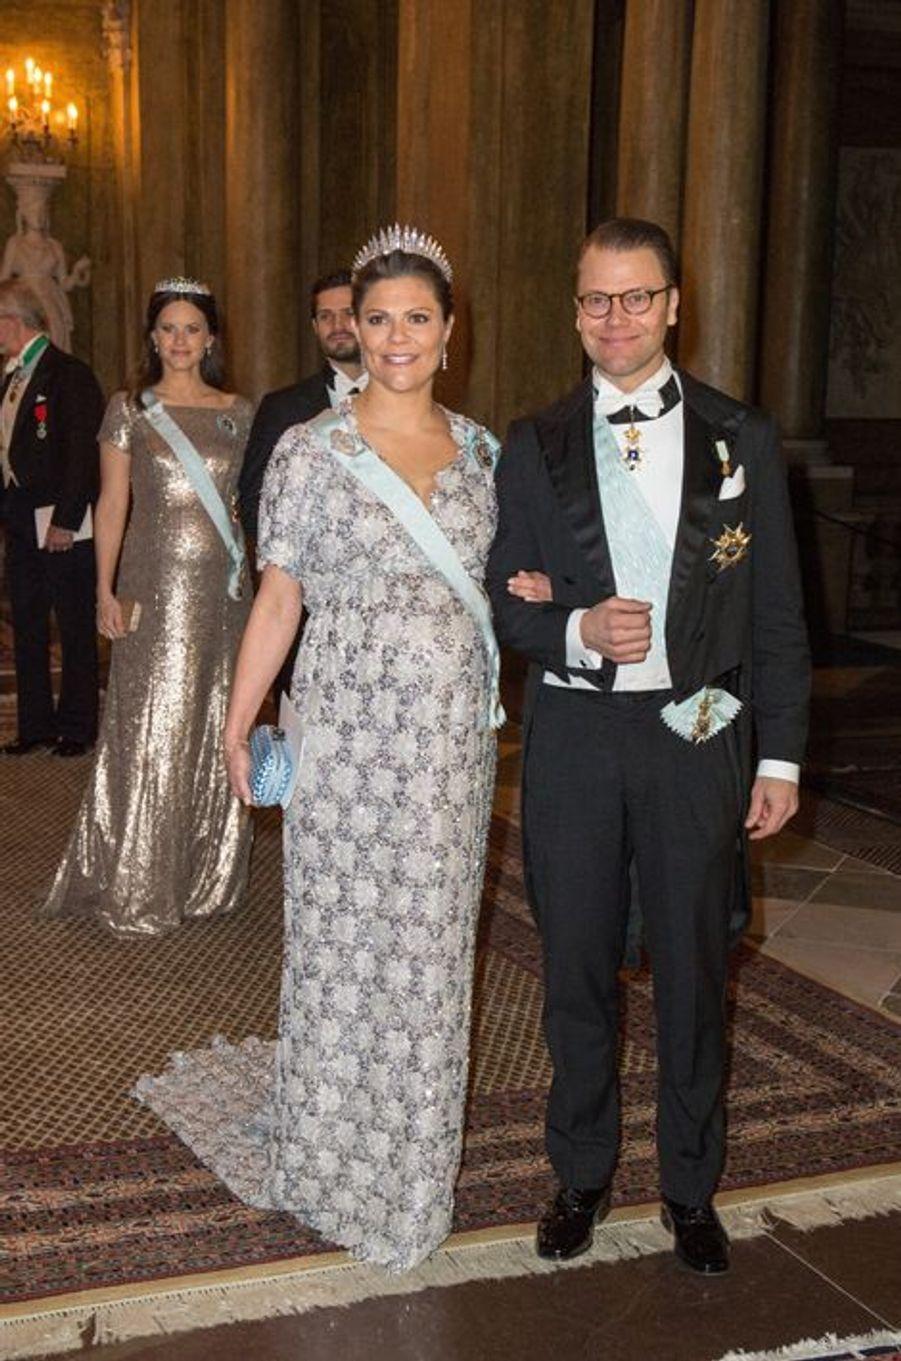 Pour le premier dîner de gala de l'année offert par le roi Carl XVI Gustaf de Suède et la reine Silvia, la princesse héritière Victoria et la princesse Sofia, née Hellqvist, toutes les deux enceintes, étaient littéralement sublimes ce mercredi 3 février au soir.Chaque dimanche, le Royal Blog de Paris Match vous propose de voir ou revoir les plus belles photographies de la semaine royale.